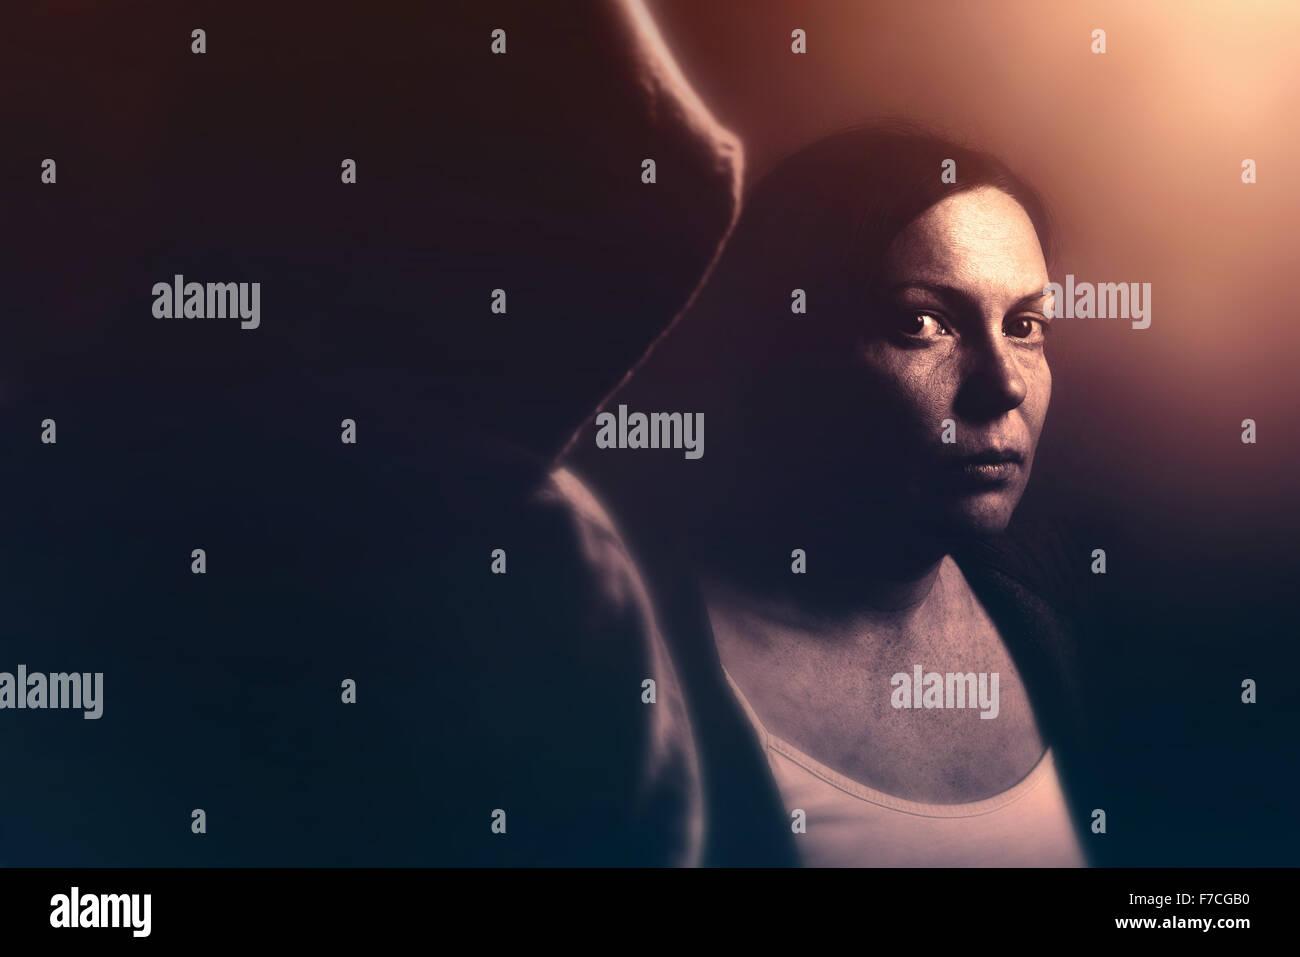 Stalker, concept clé faible intense portrait de femme traquée, tons rétro avec image selective focus Photo Stock